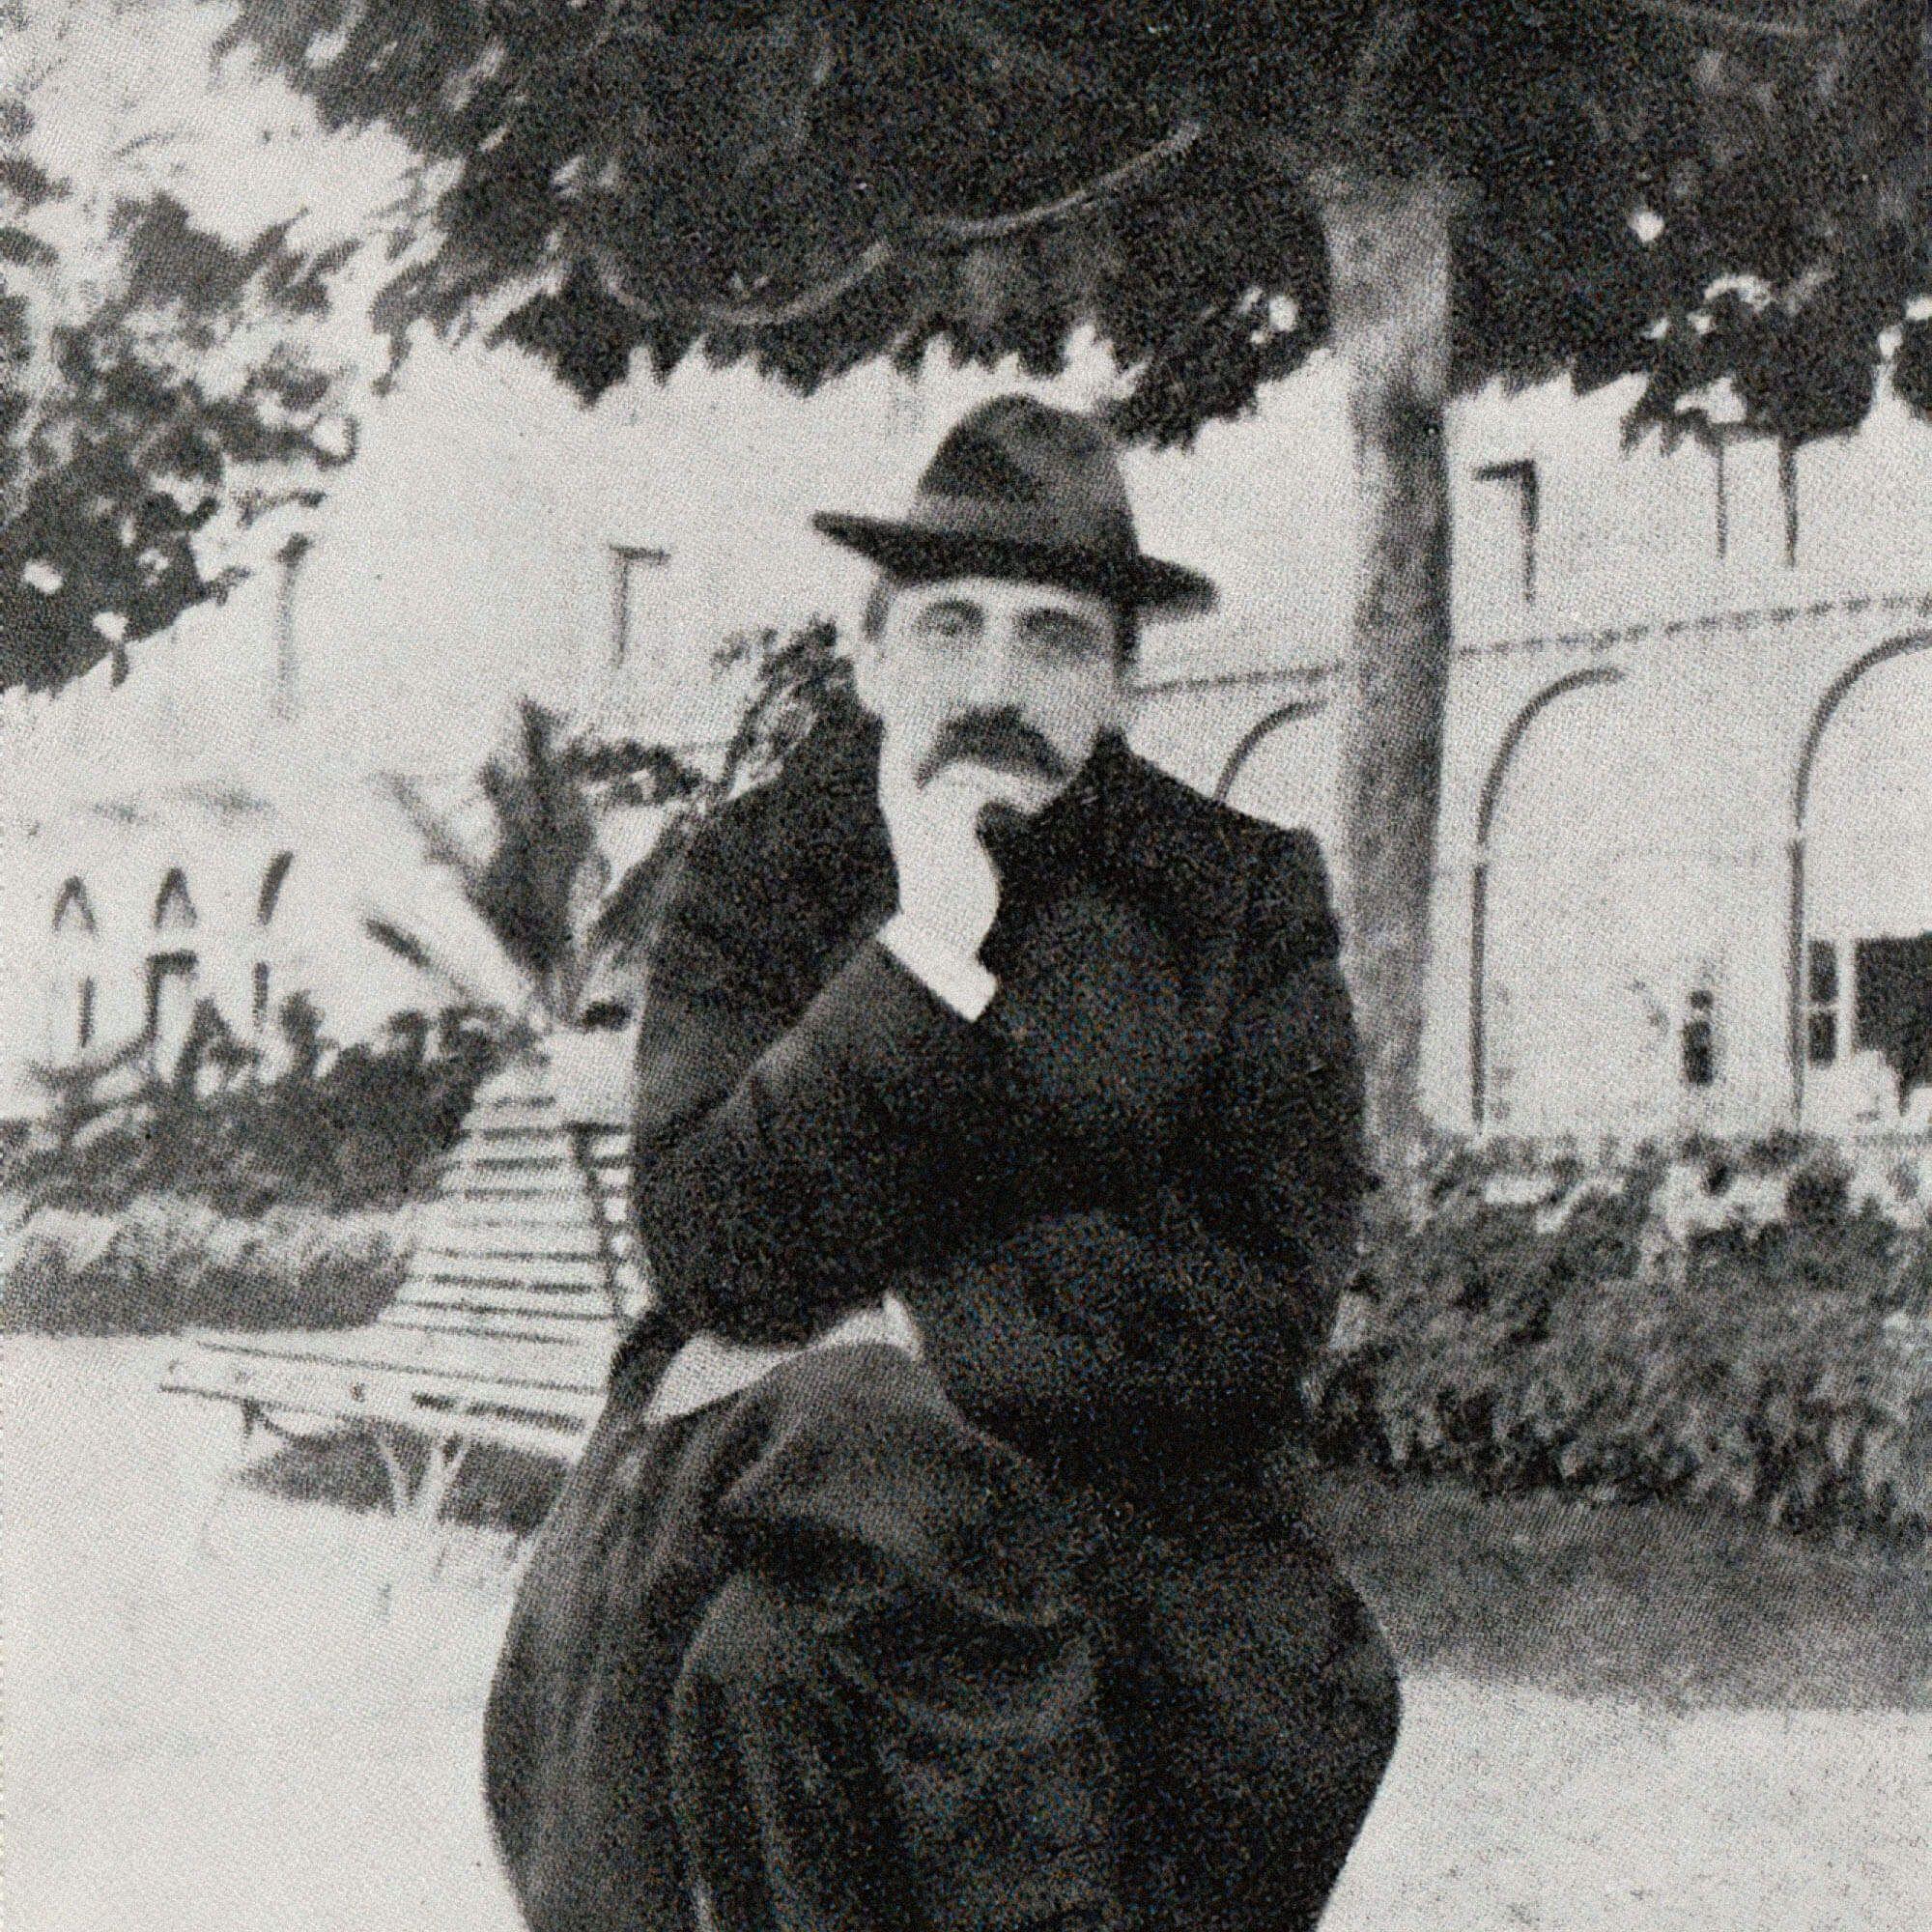 Отчаявшись найти желающих опубликовать 1500-страничный том целиком, Марсель Пруст стал издавать книгу за свой счет. Фото: Эвиан / 1905 год / Proust-Ink